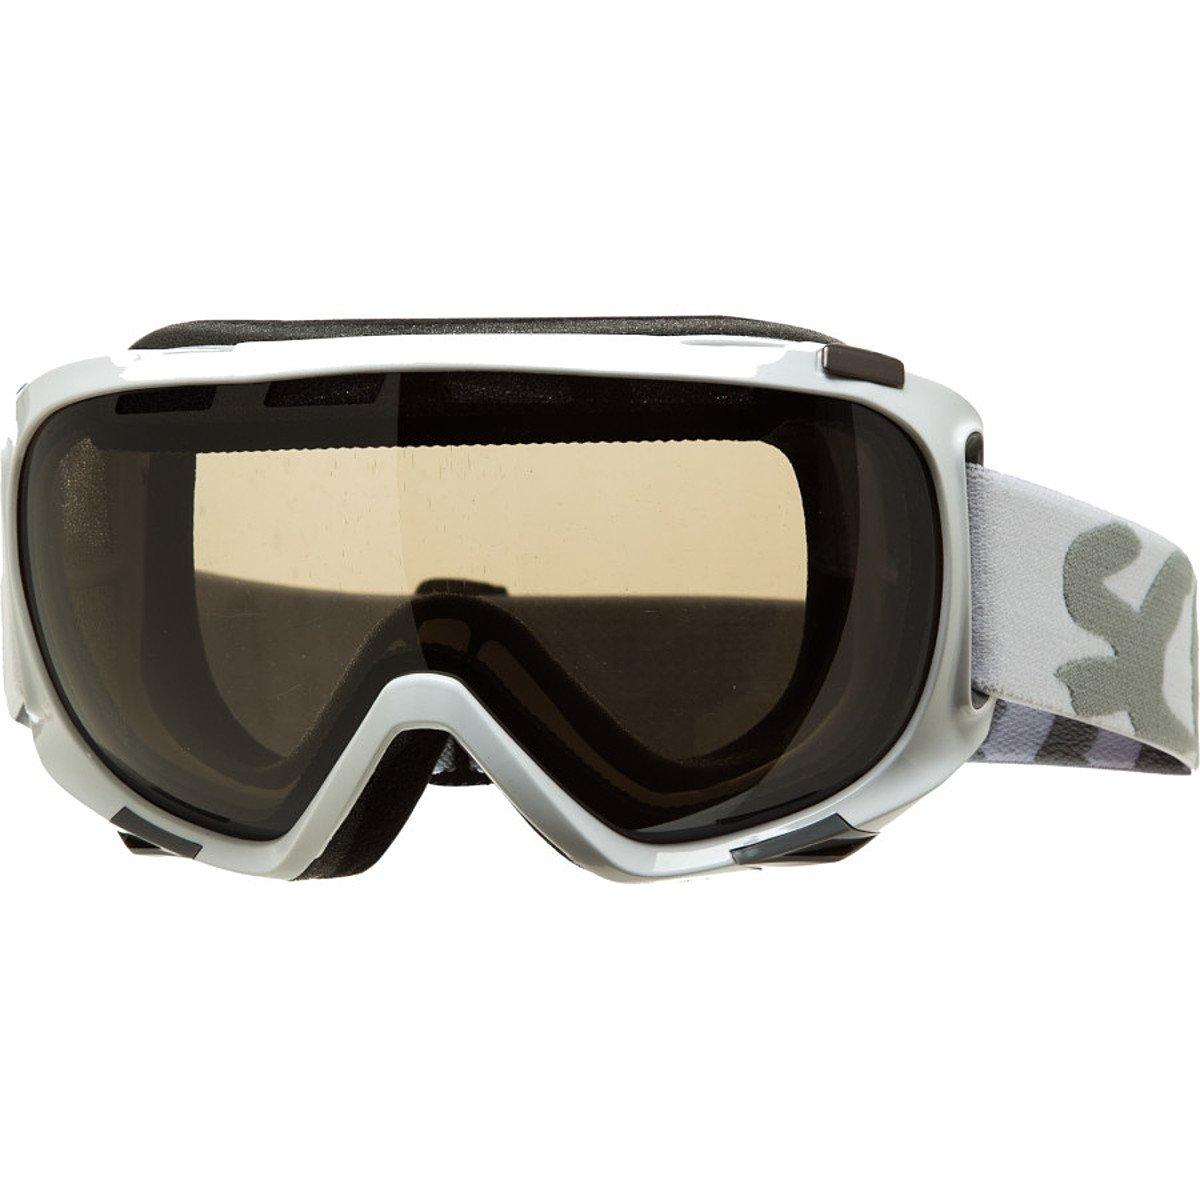 SCOTT US Fix Ski Goggles